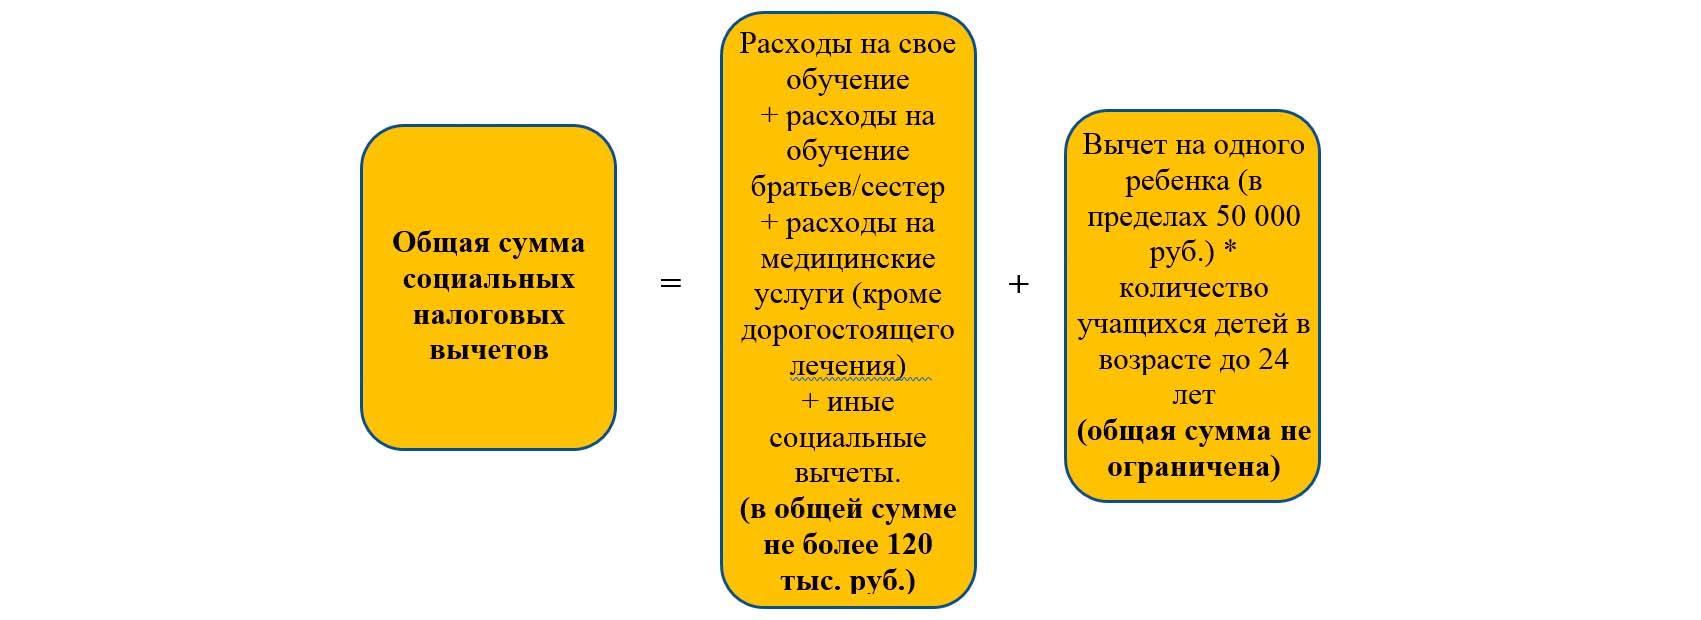 Порядок исчисления общей суммы социальных вычетов